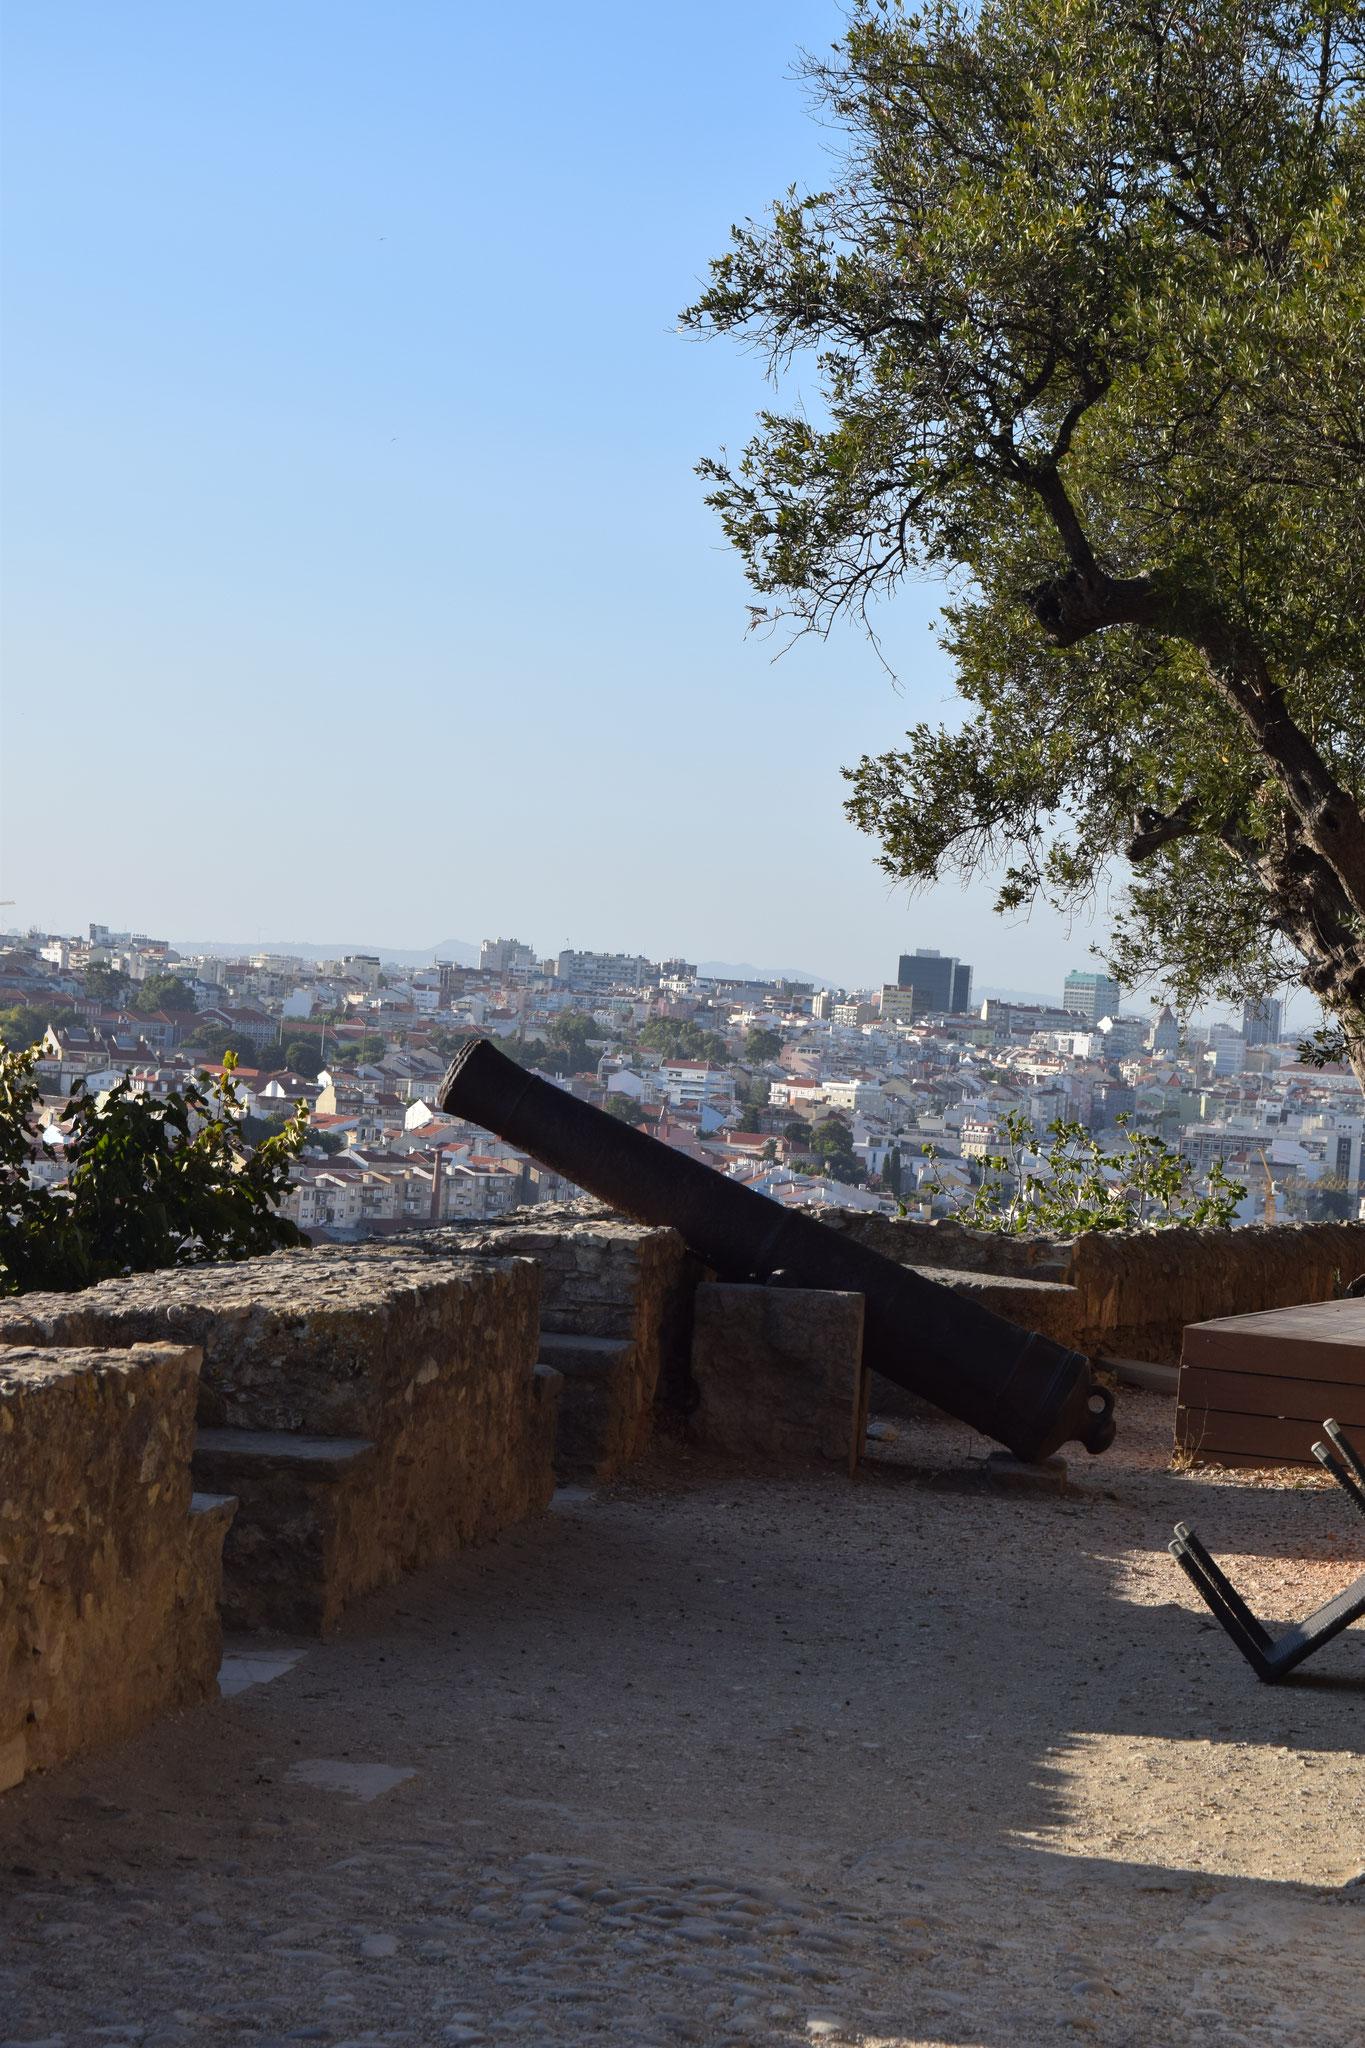 Meine Reiseempfehlungen für Lissabon in Portugal, wie das Castelo de Sao Jorge.